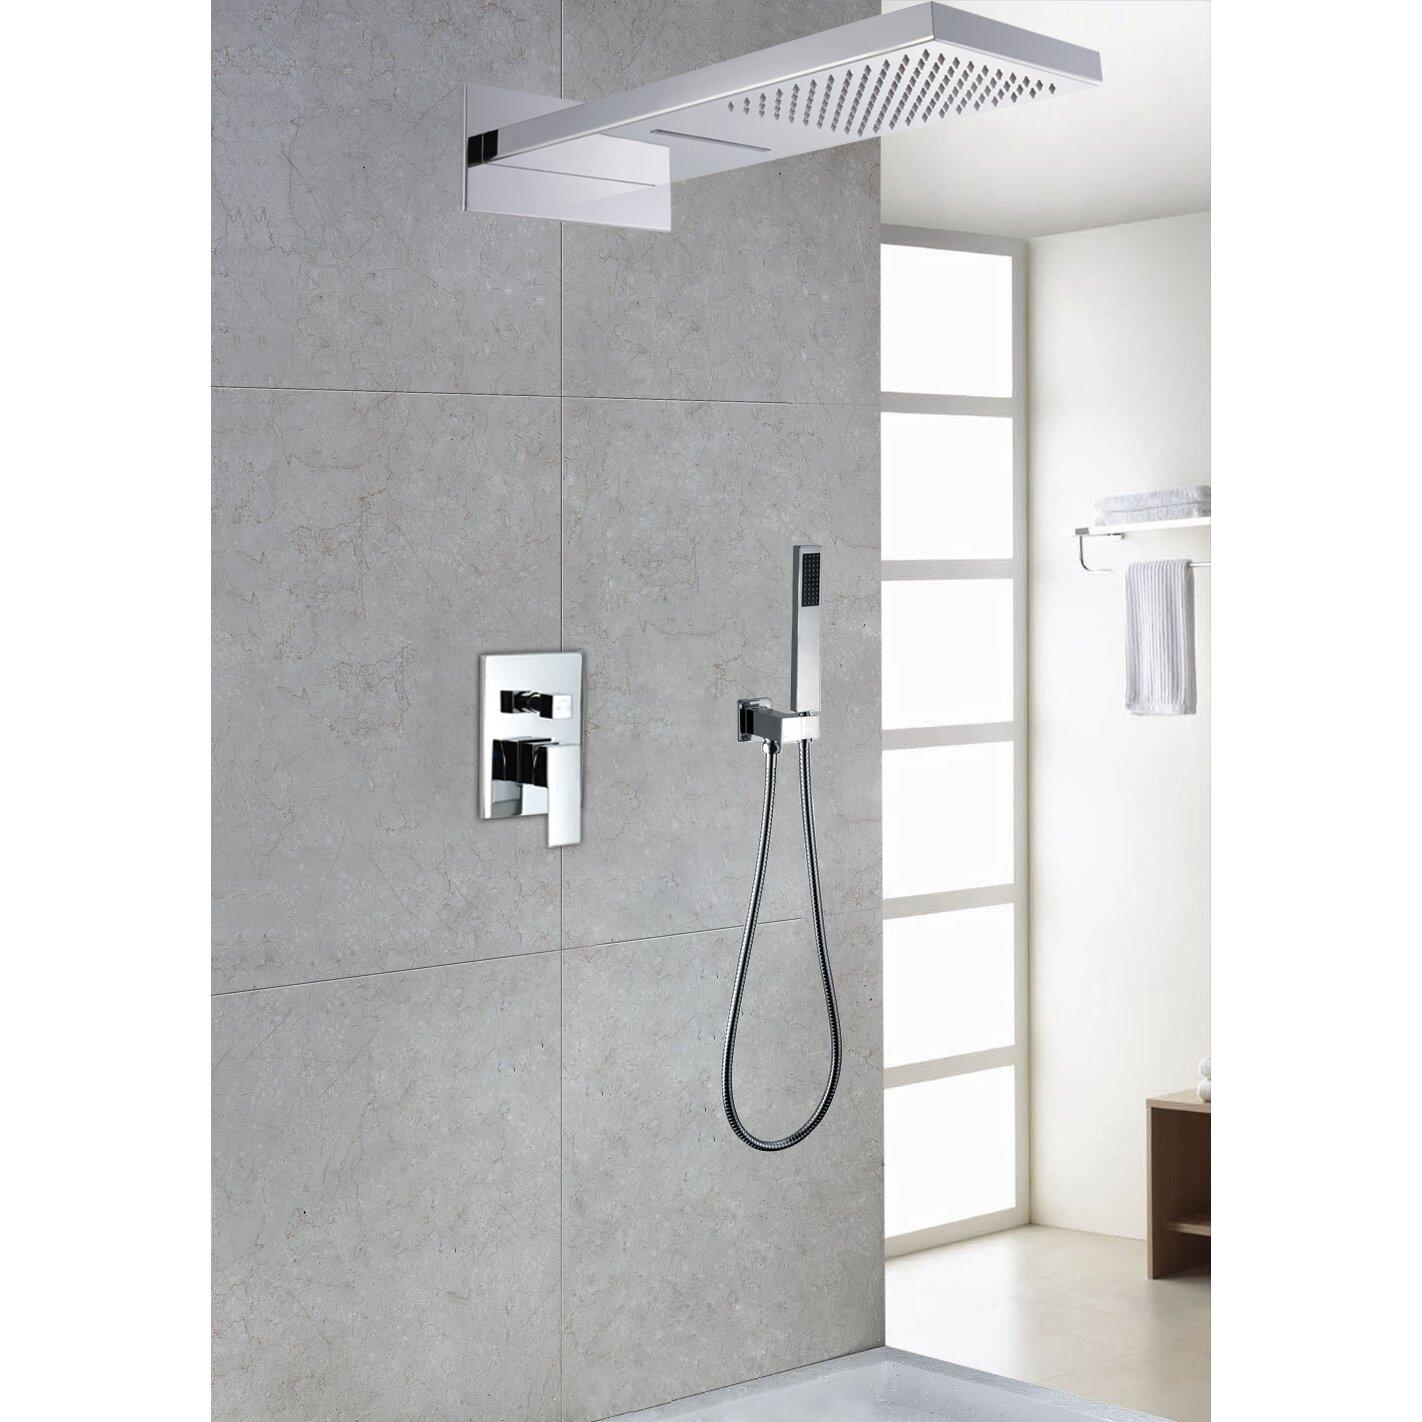 modern shower zazzeri shower column round modern shower columns  - sumerain shower faucet reviews wayfair